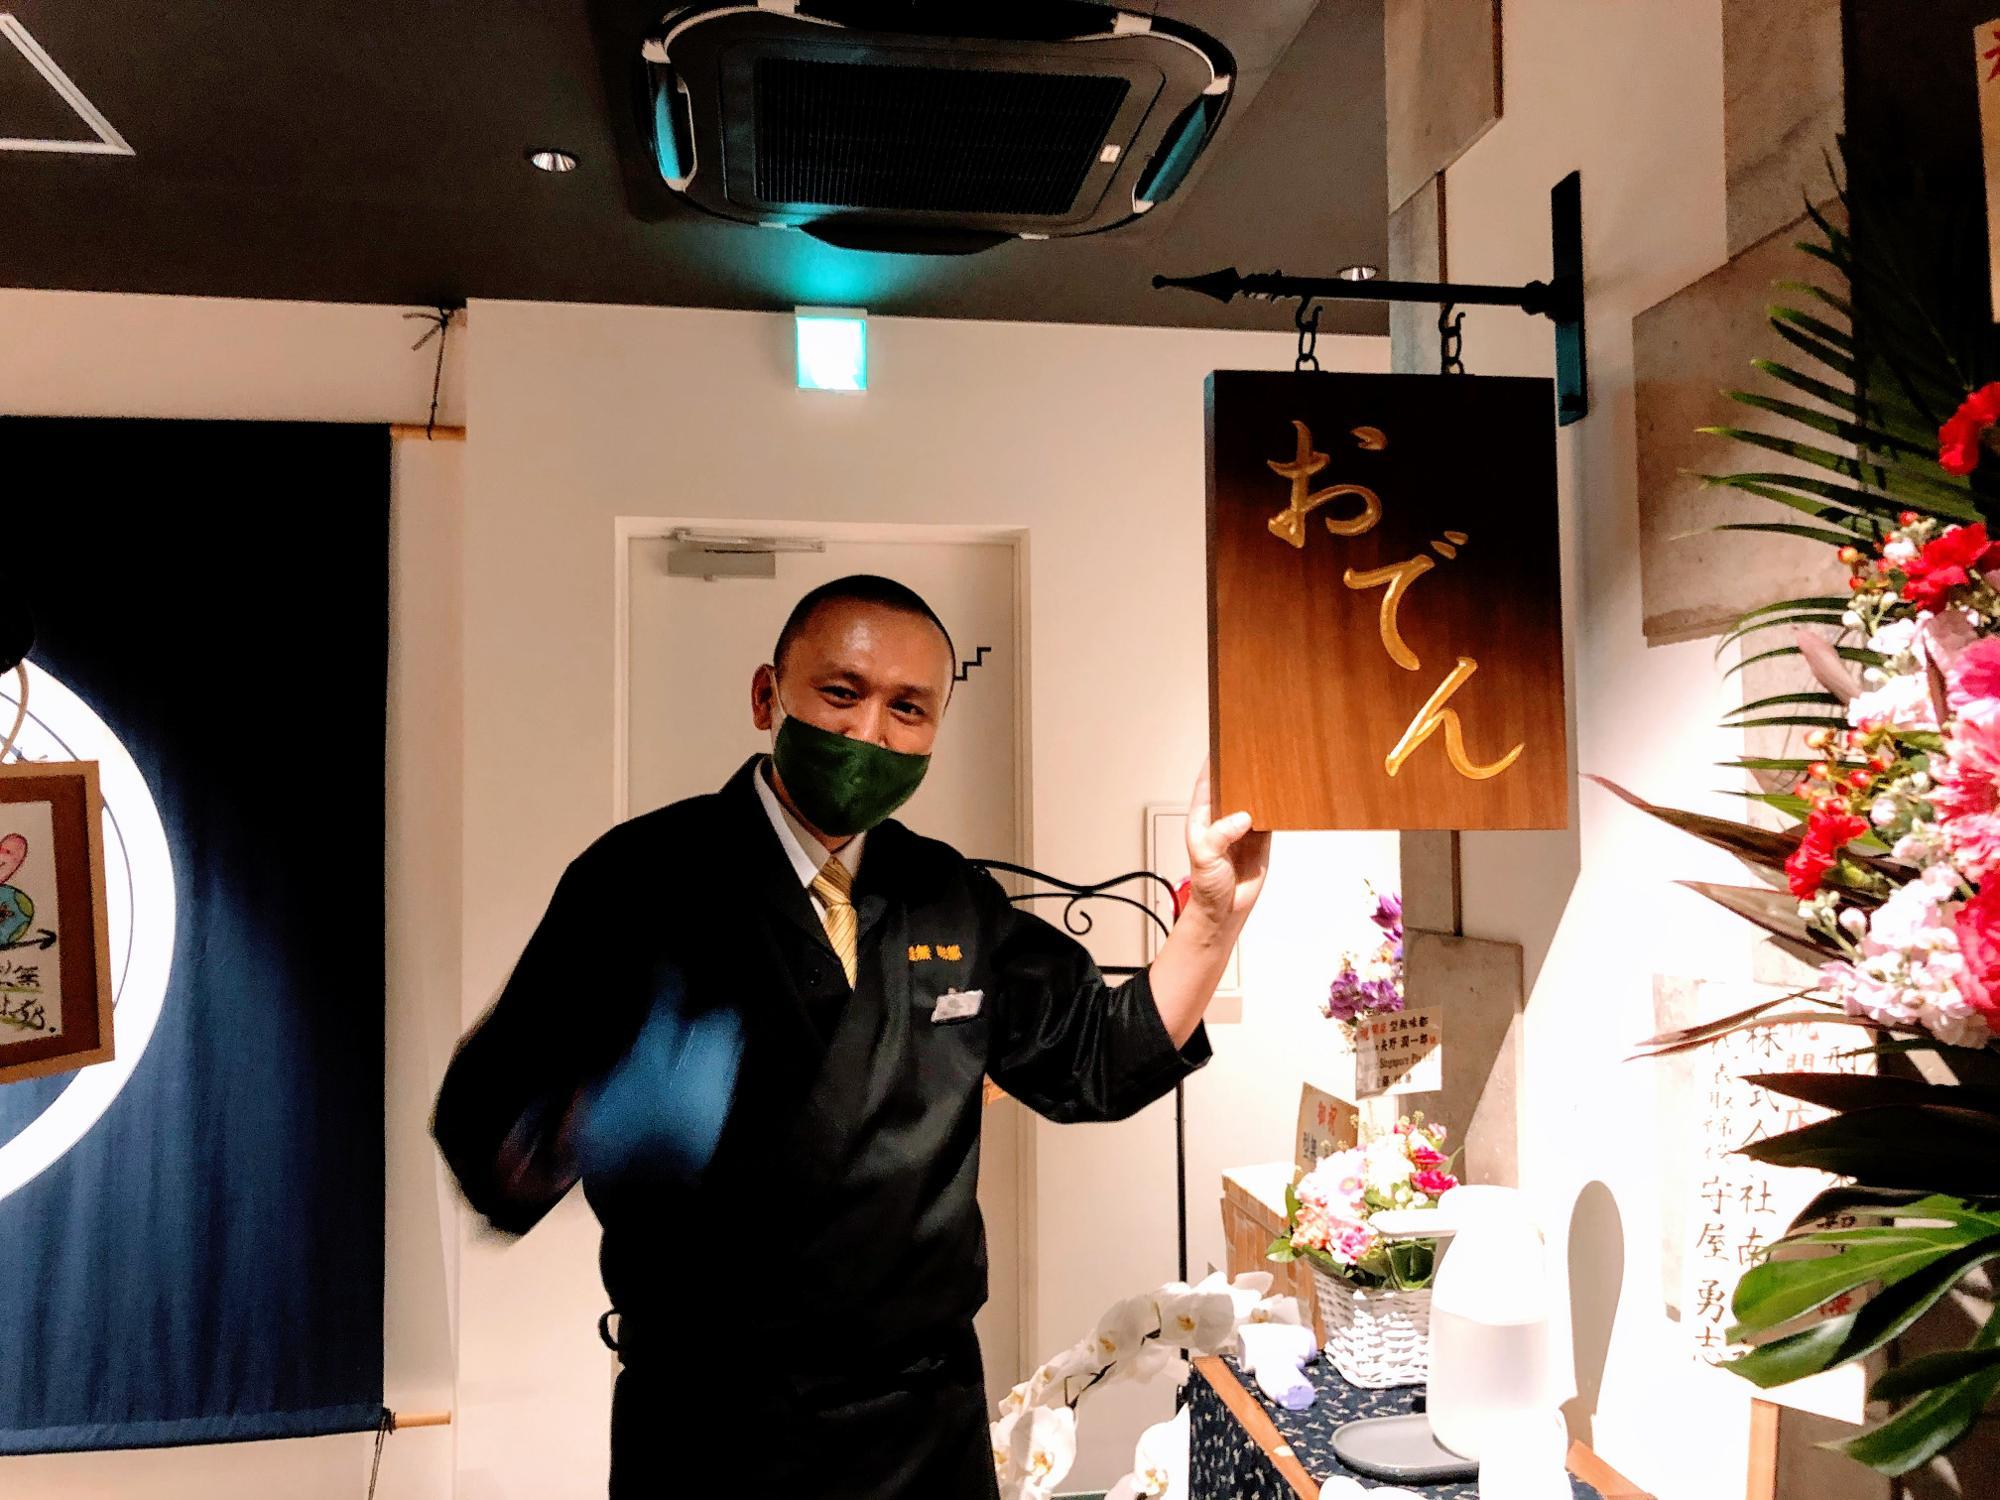 とっても威勢のいい味都のボス・矢野さん。勢い余って…手がぶれてしまってごめんなさい